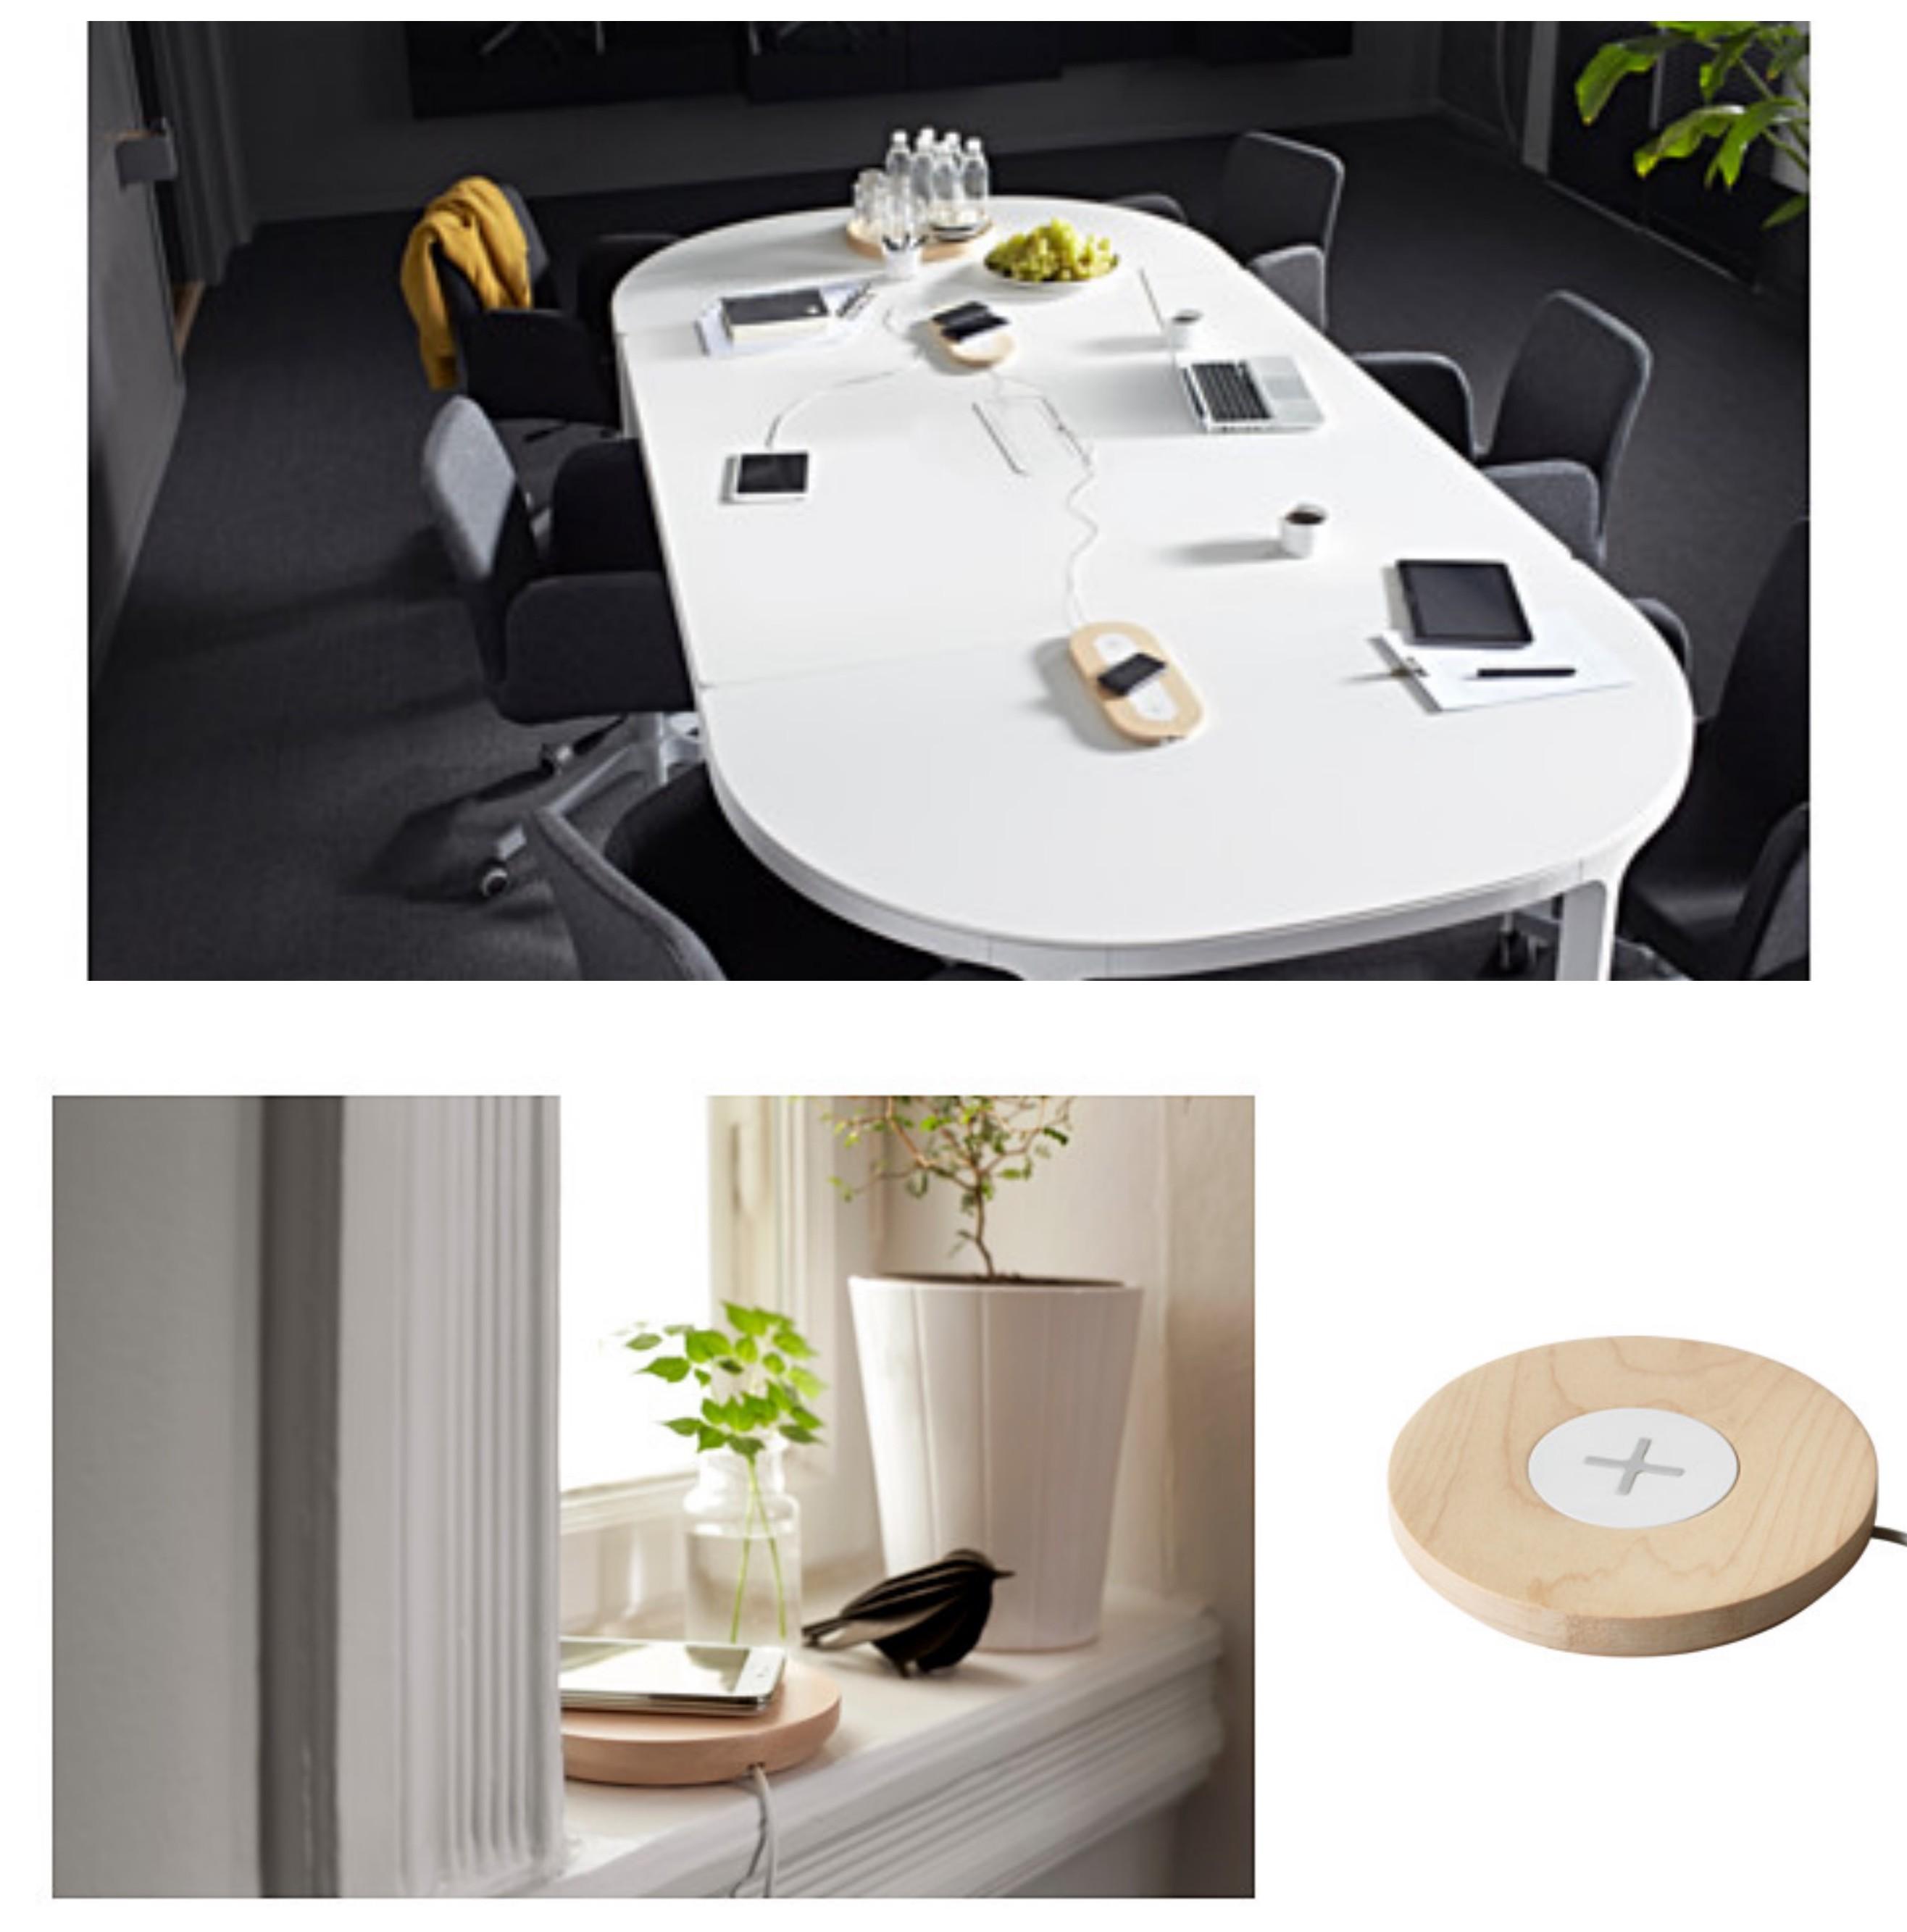 Meubles Chargeur Déco Home Avec SmartLes D'ikea Blog Intégré Ow8kXn0P